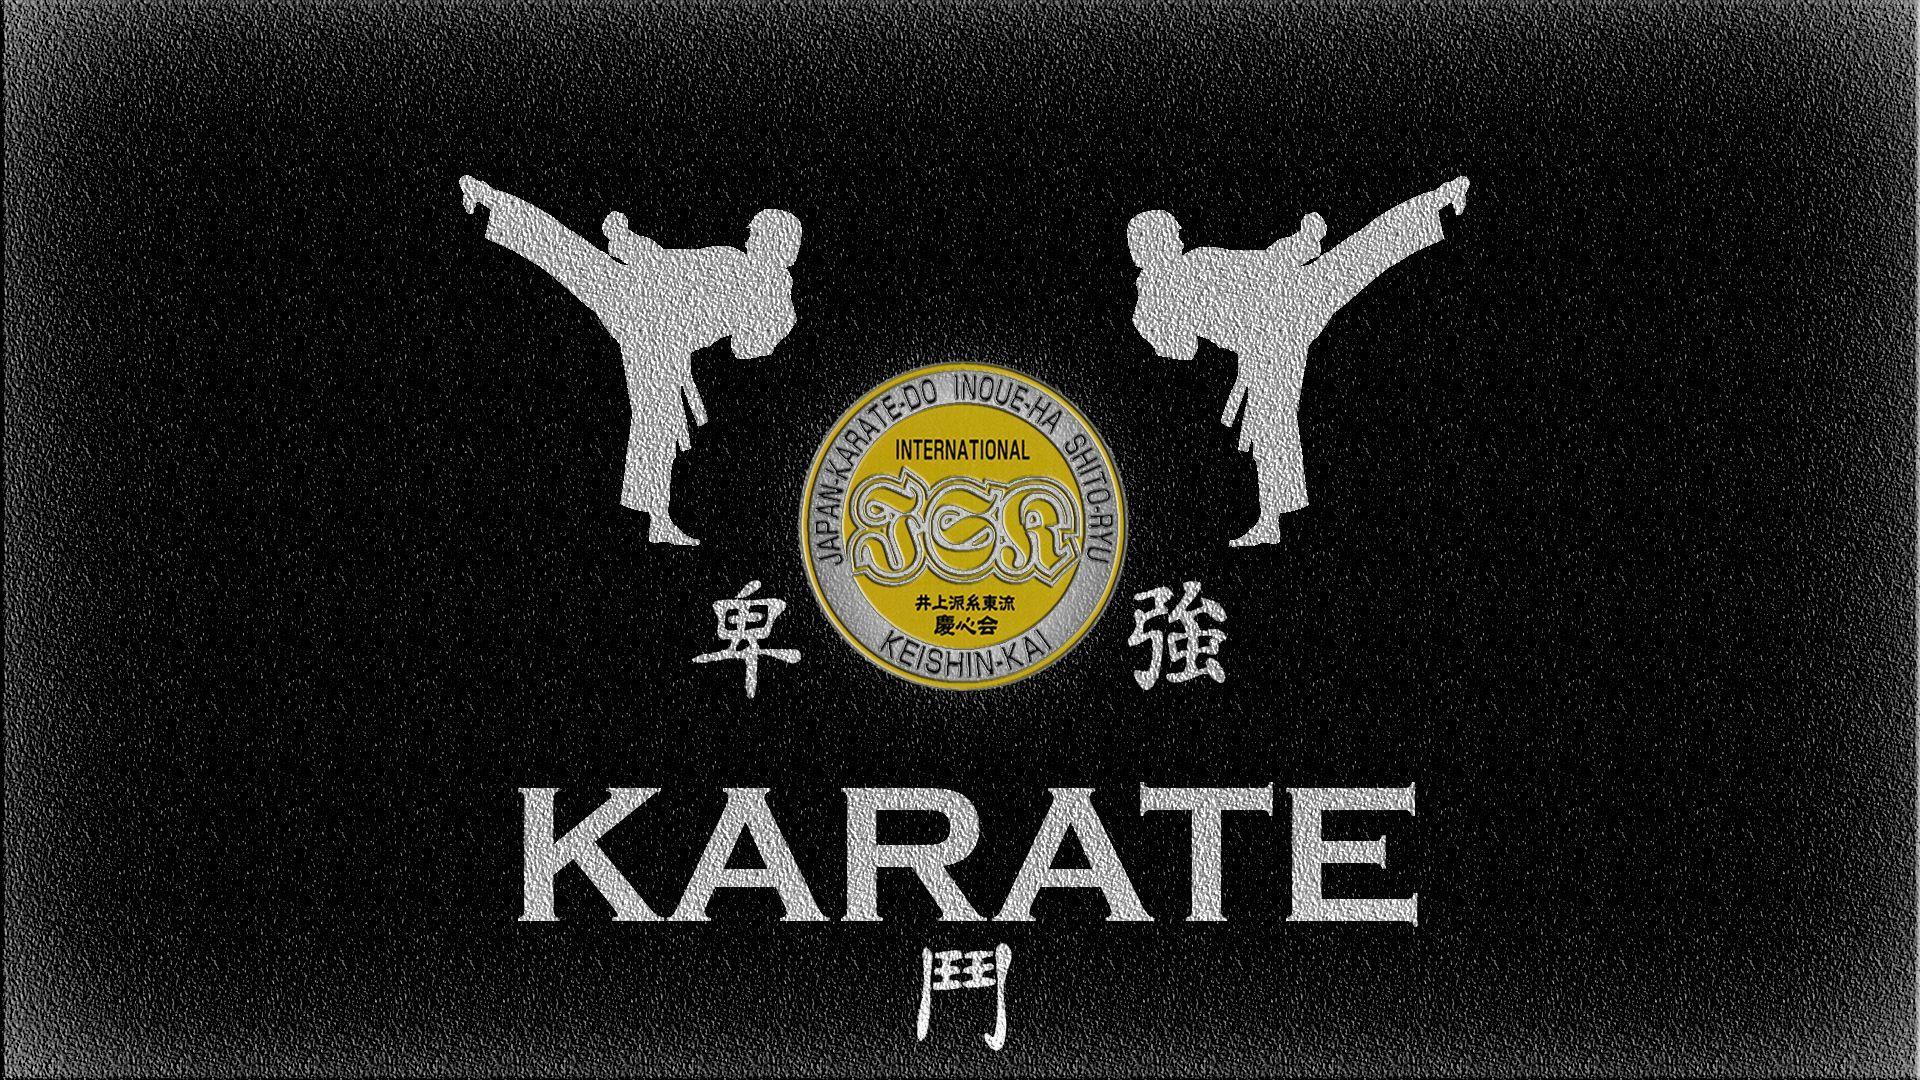 Kyokushin Karate Full Hd Wallpapers Wallpaper Cave